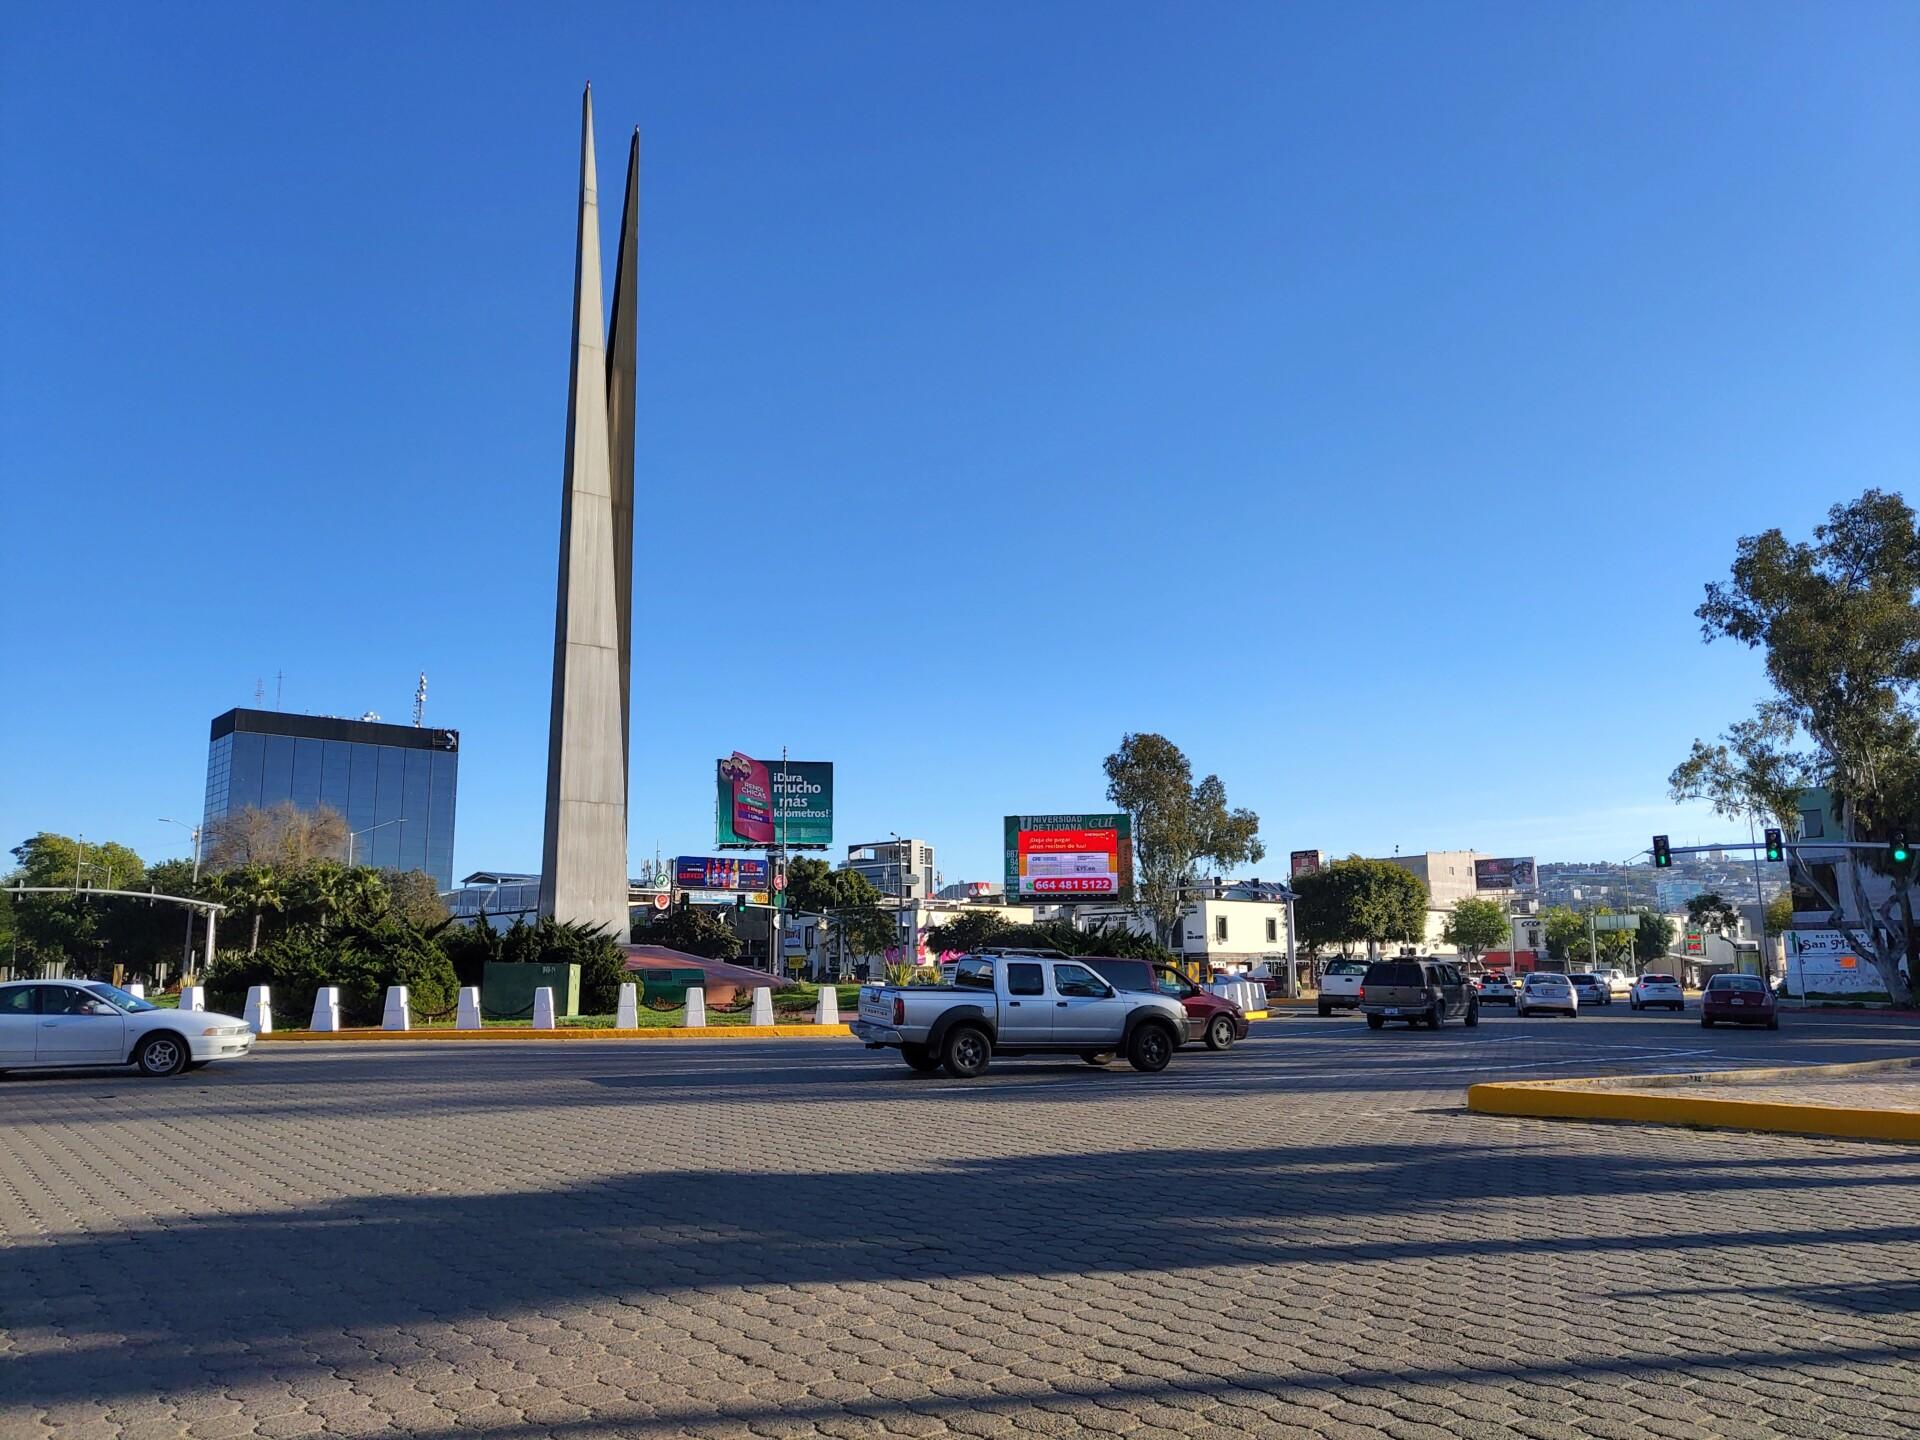 Vivo Nex S daylight sample photo of a city landscape